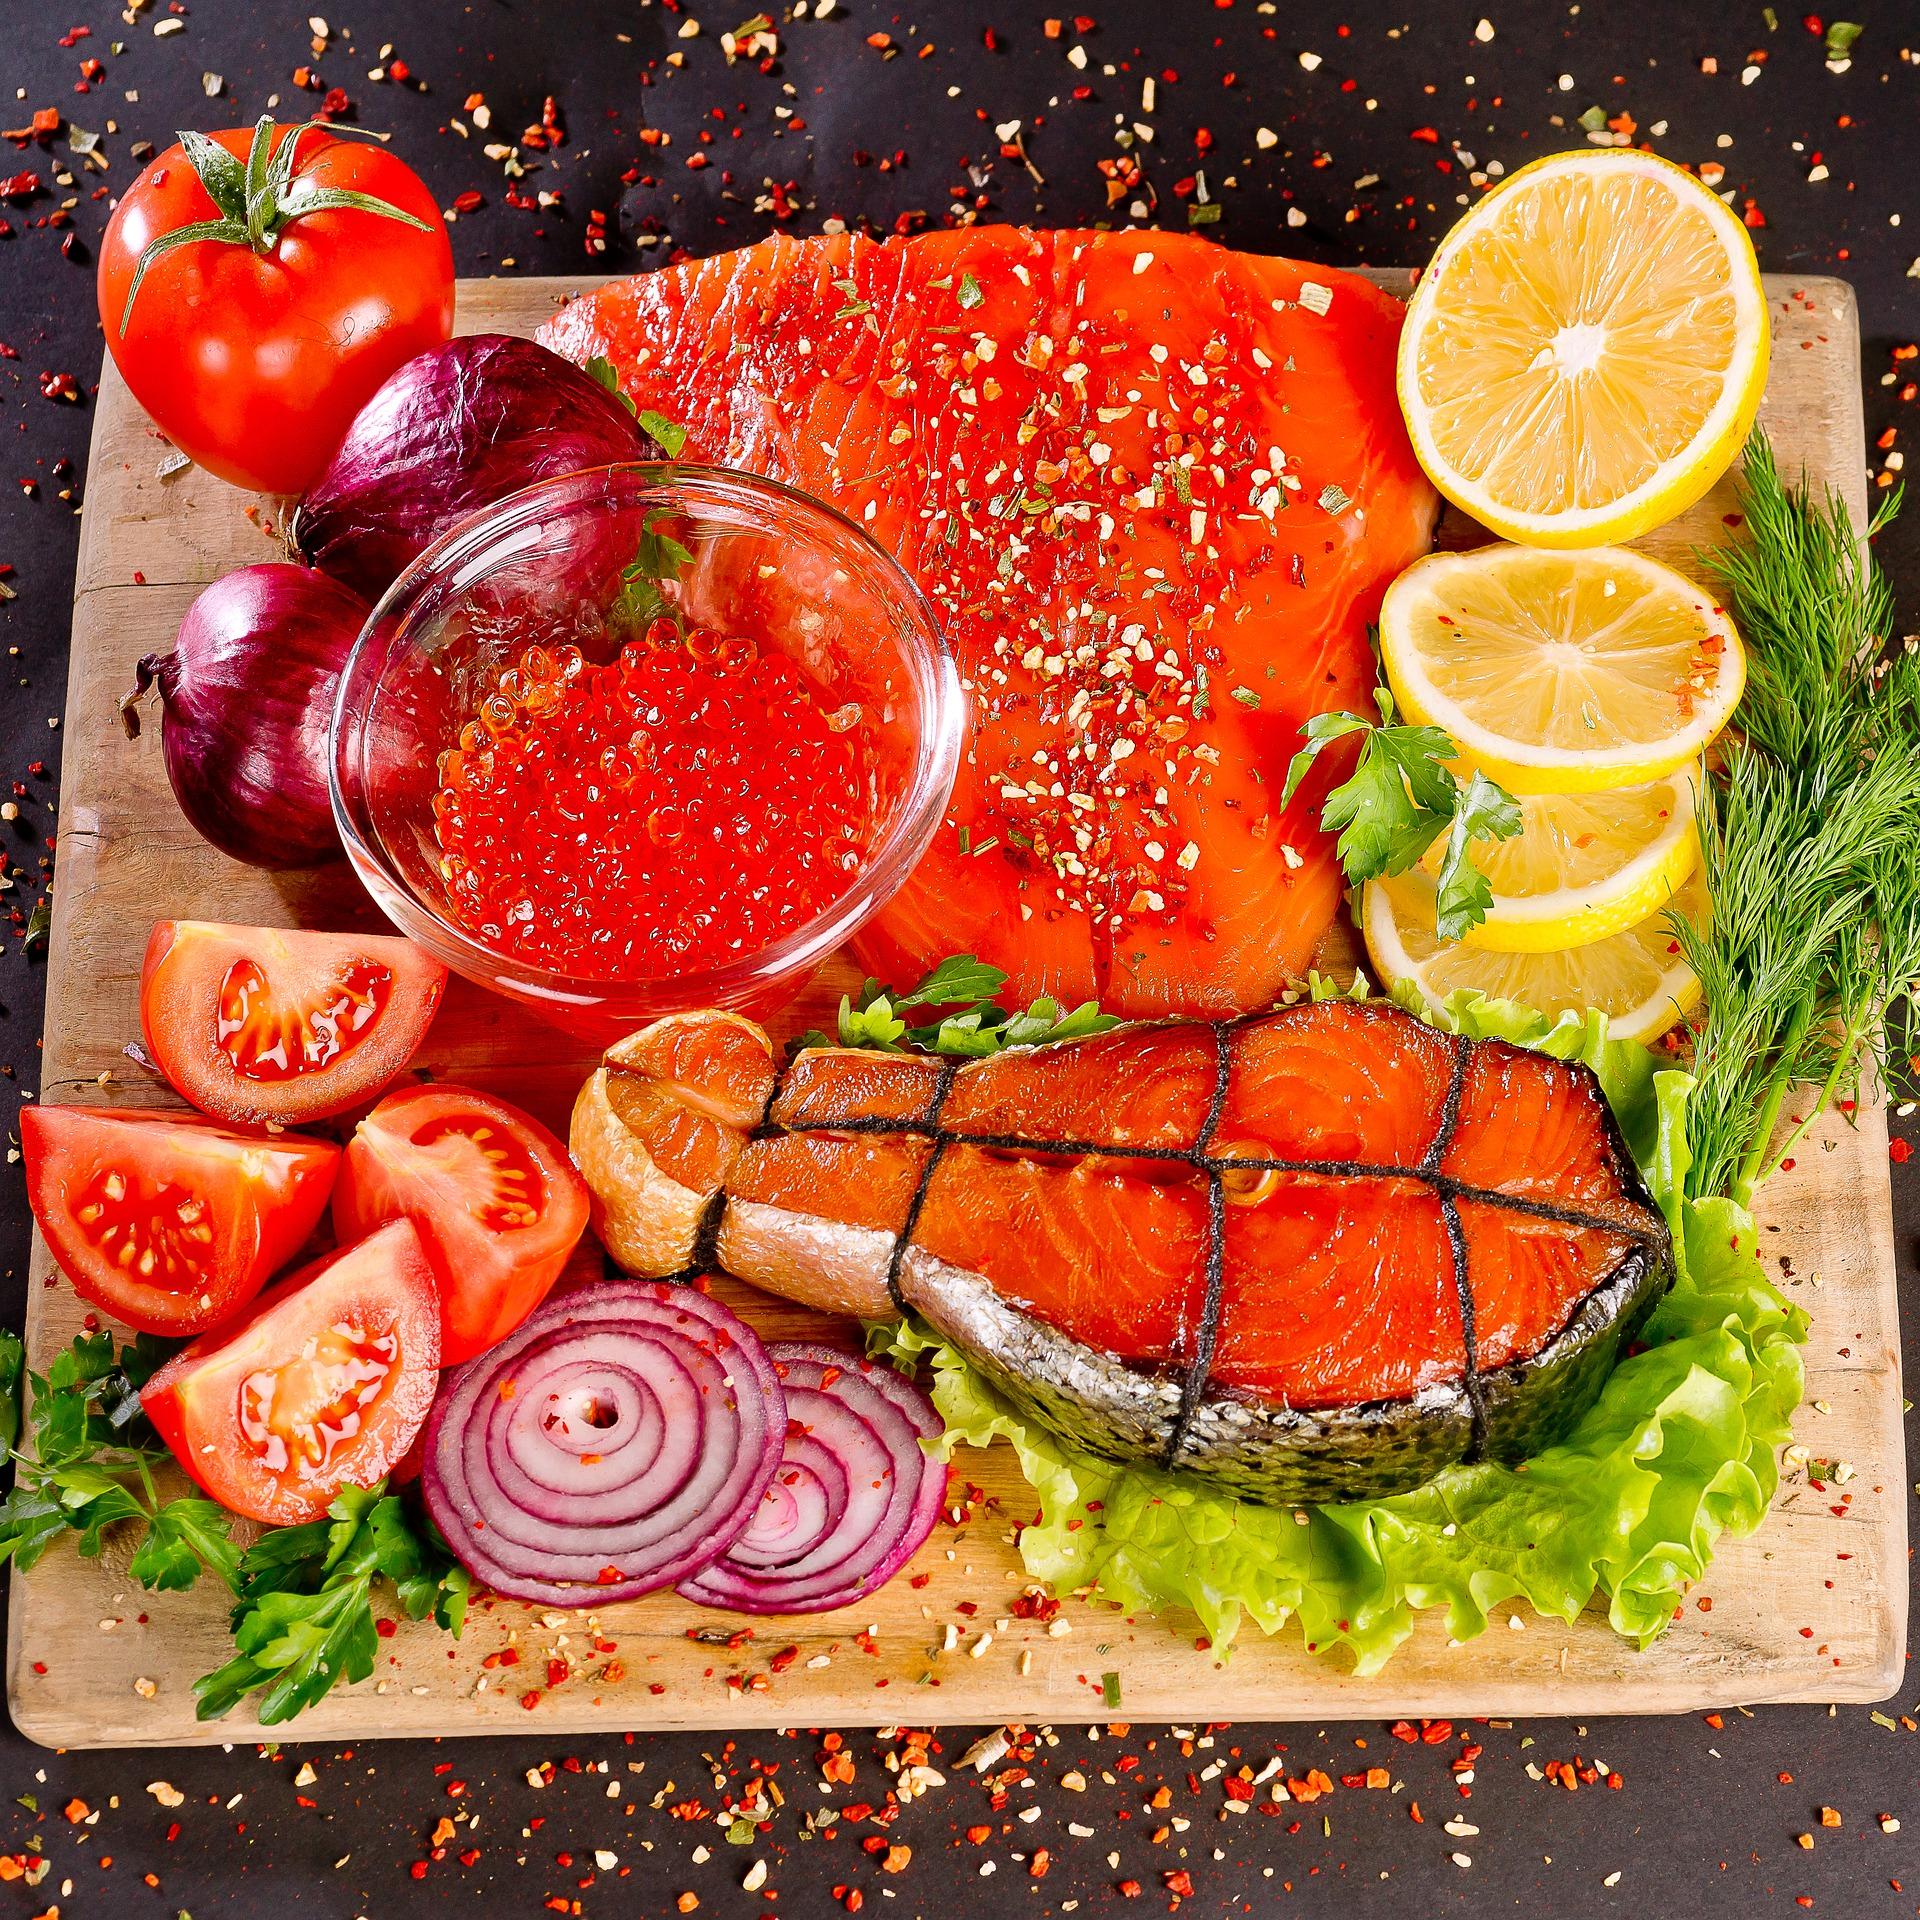 food-4225729_1920